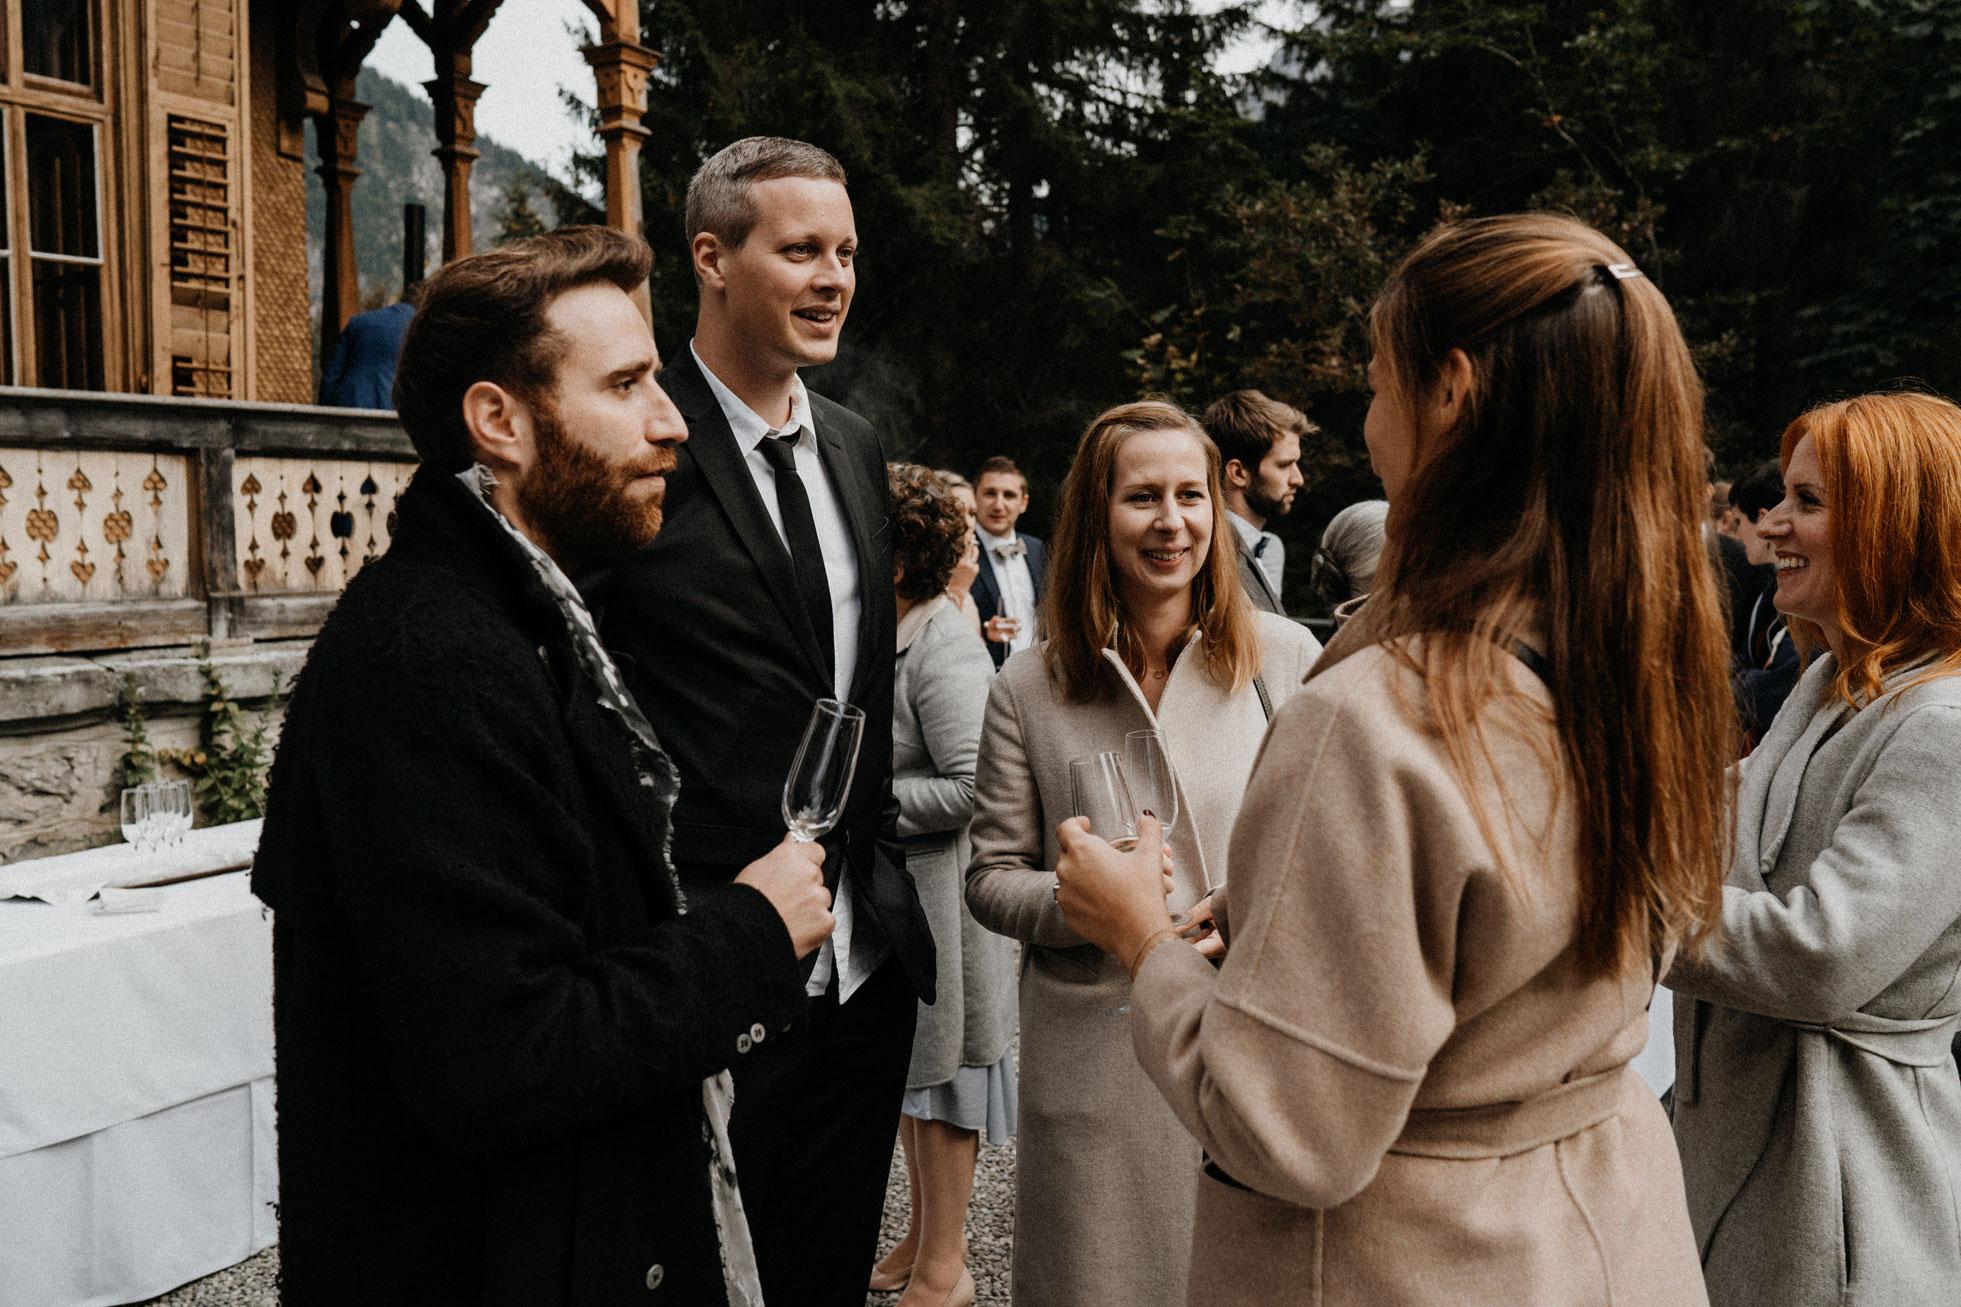 Hochzeit_Claire_Manuel_Villa_Maund_Daniel_Jenny-344.jpg